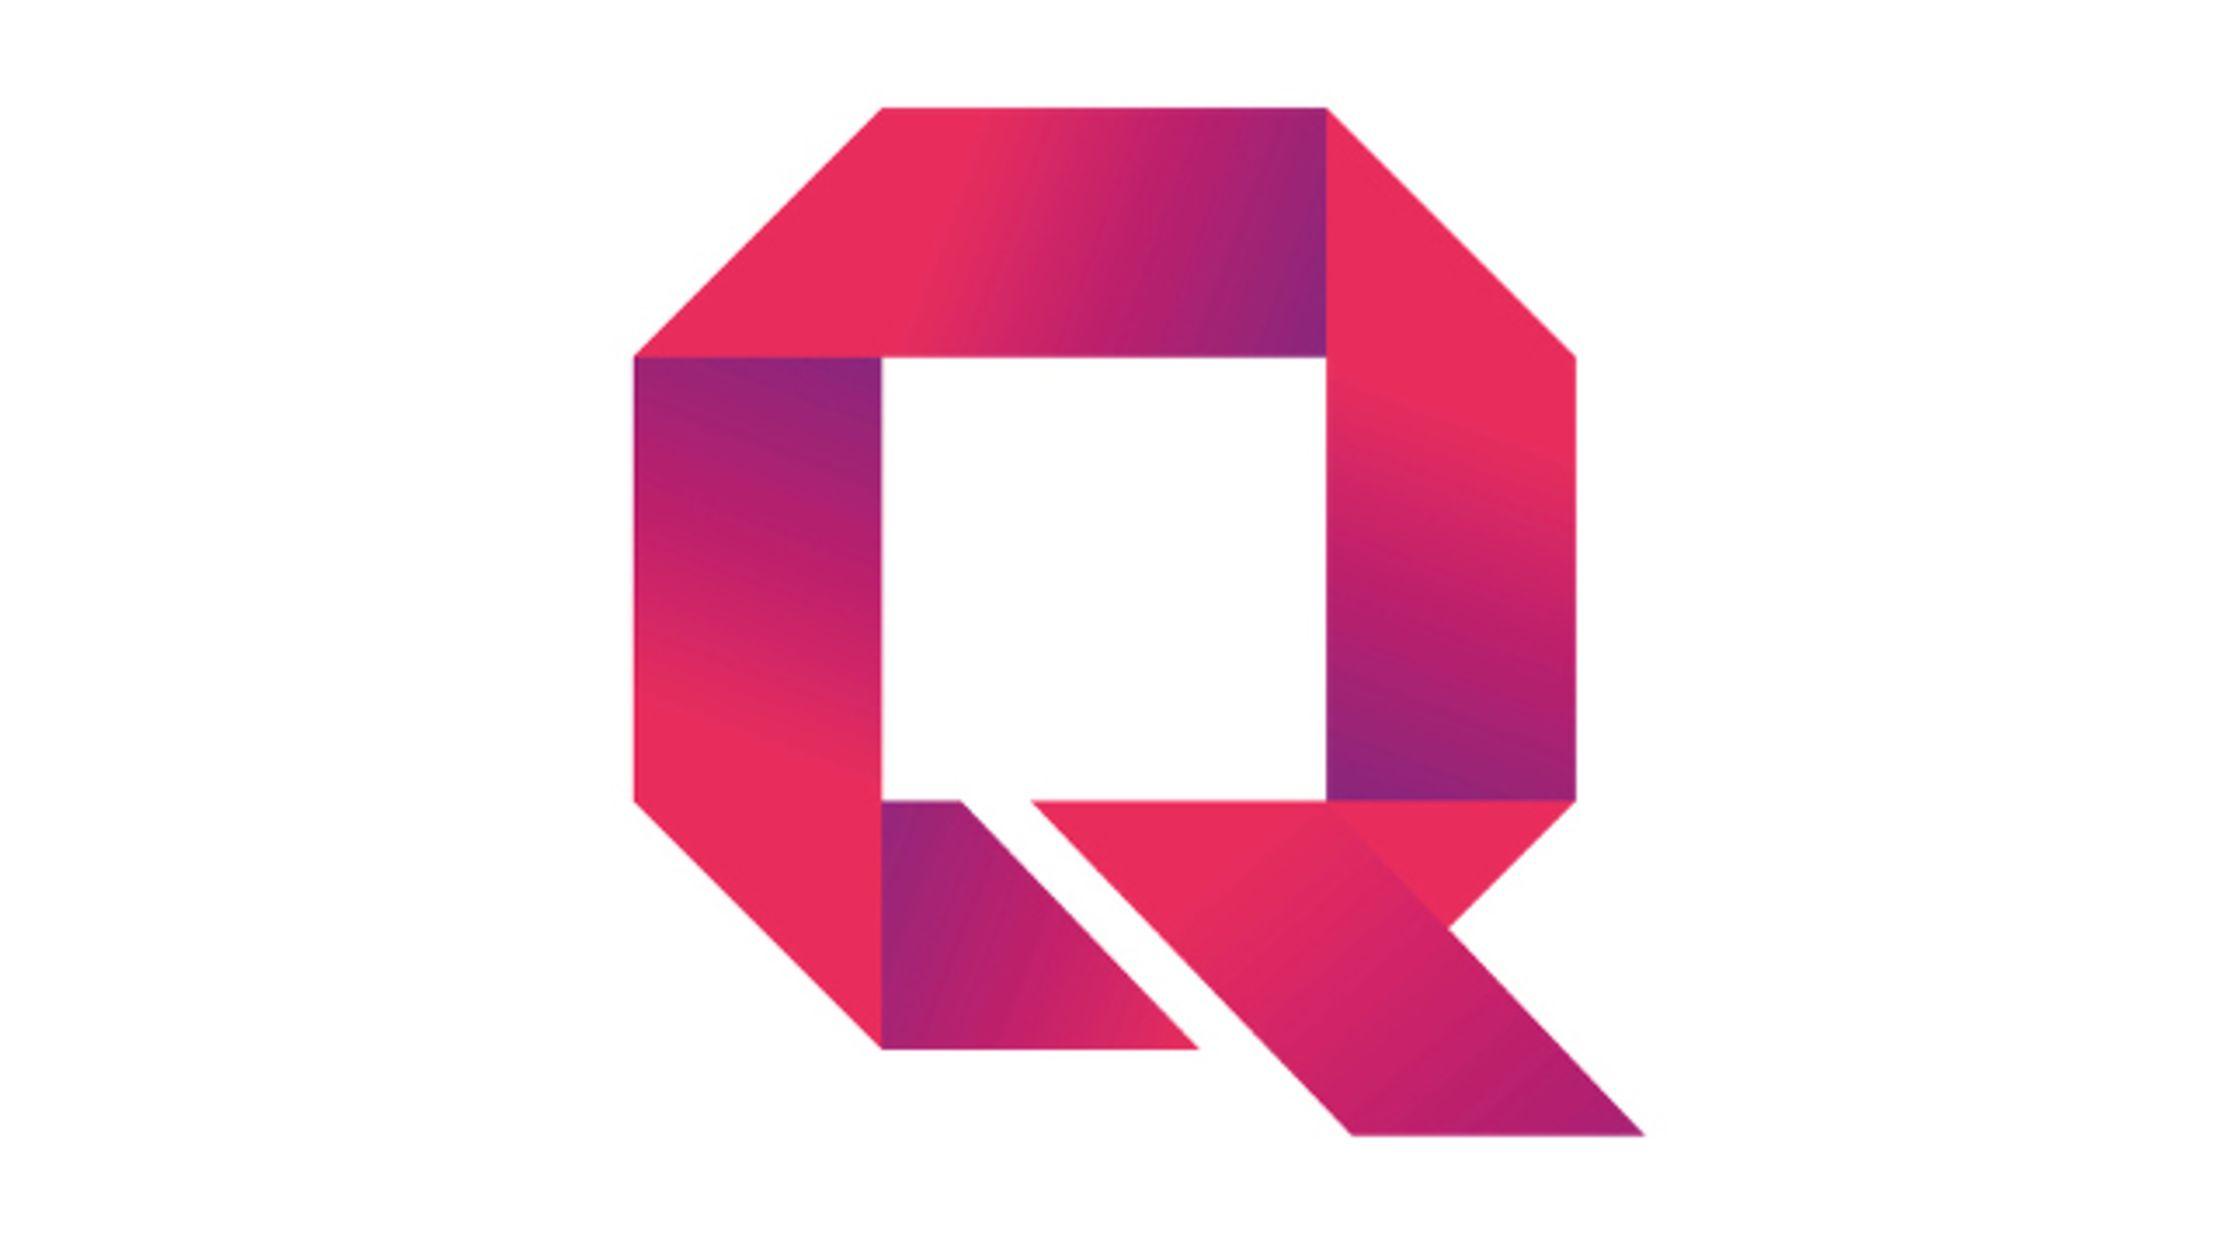 پروفایل Q مربعی شکل دیدنی و شیک خاص با رنگ قرمز